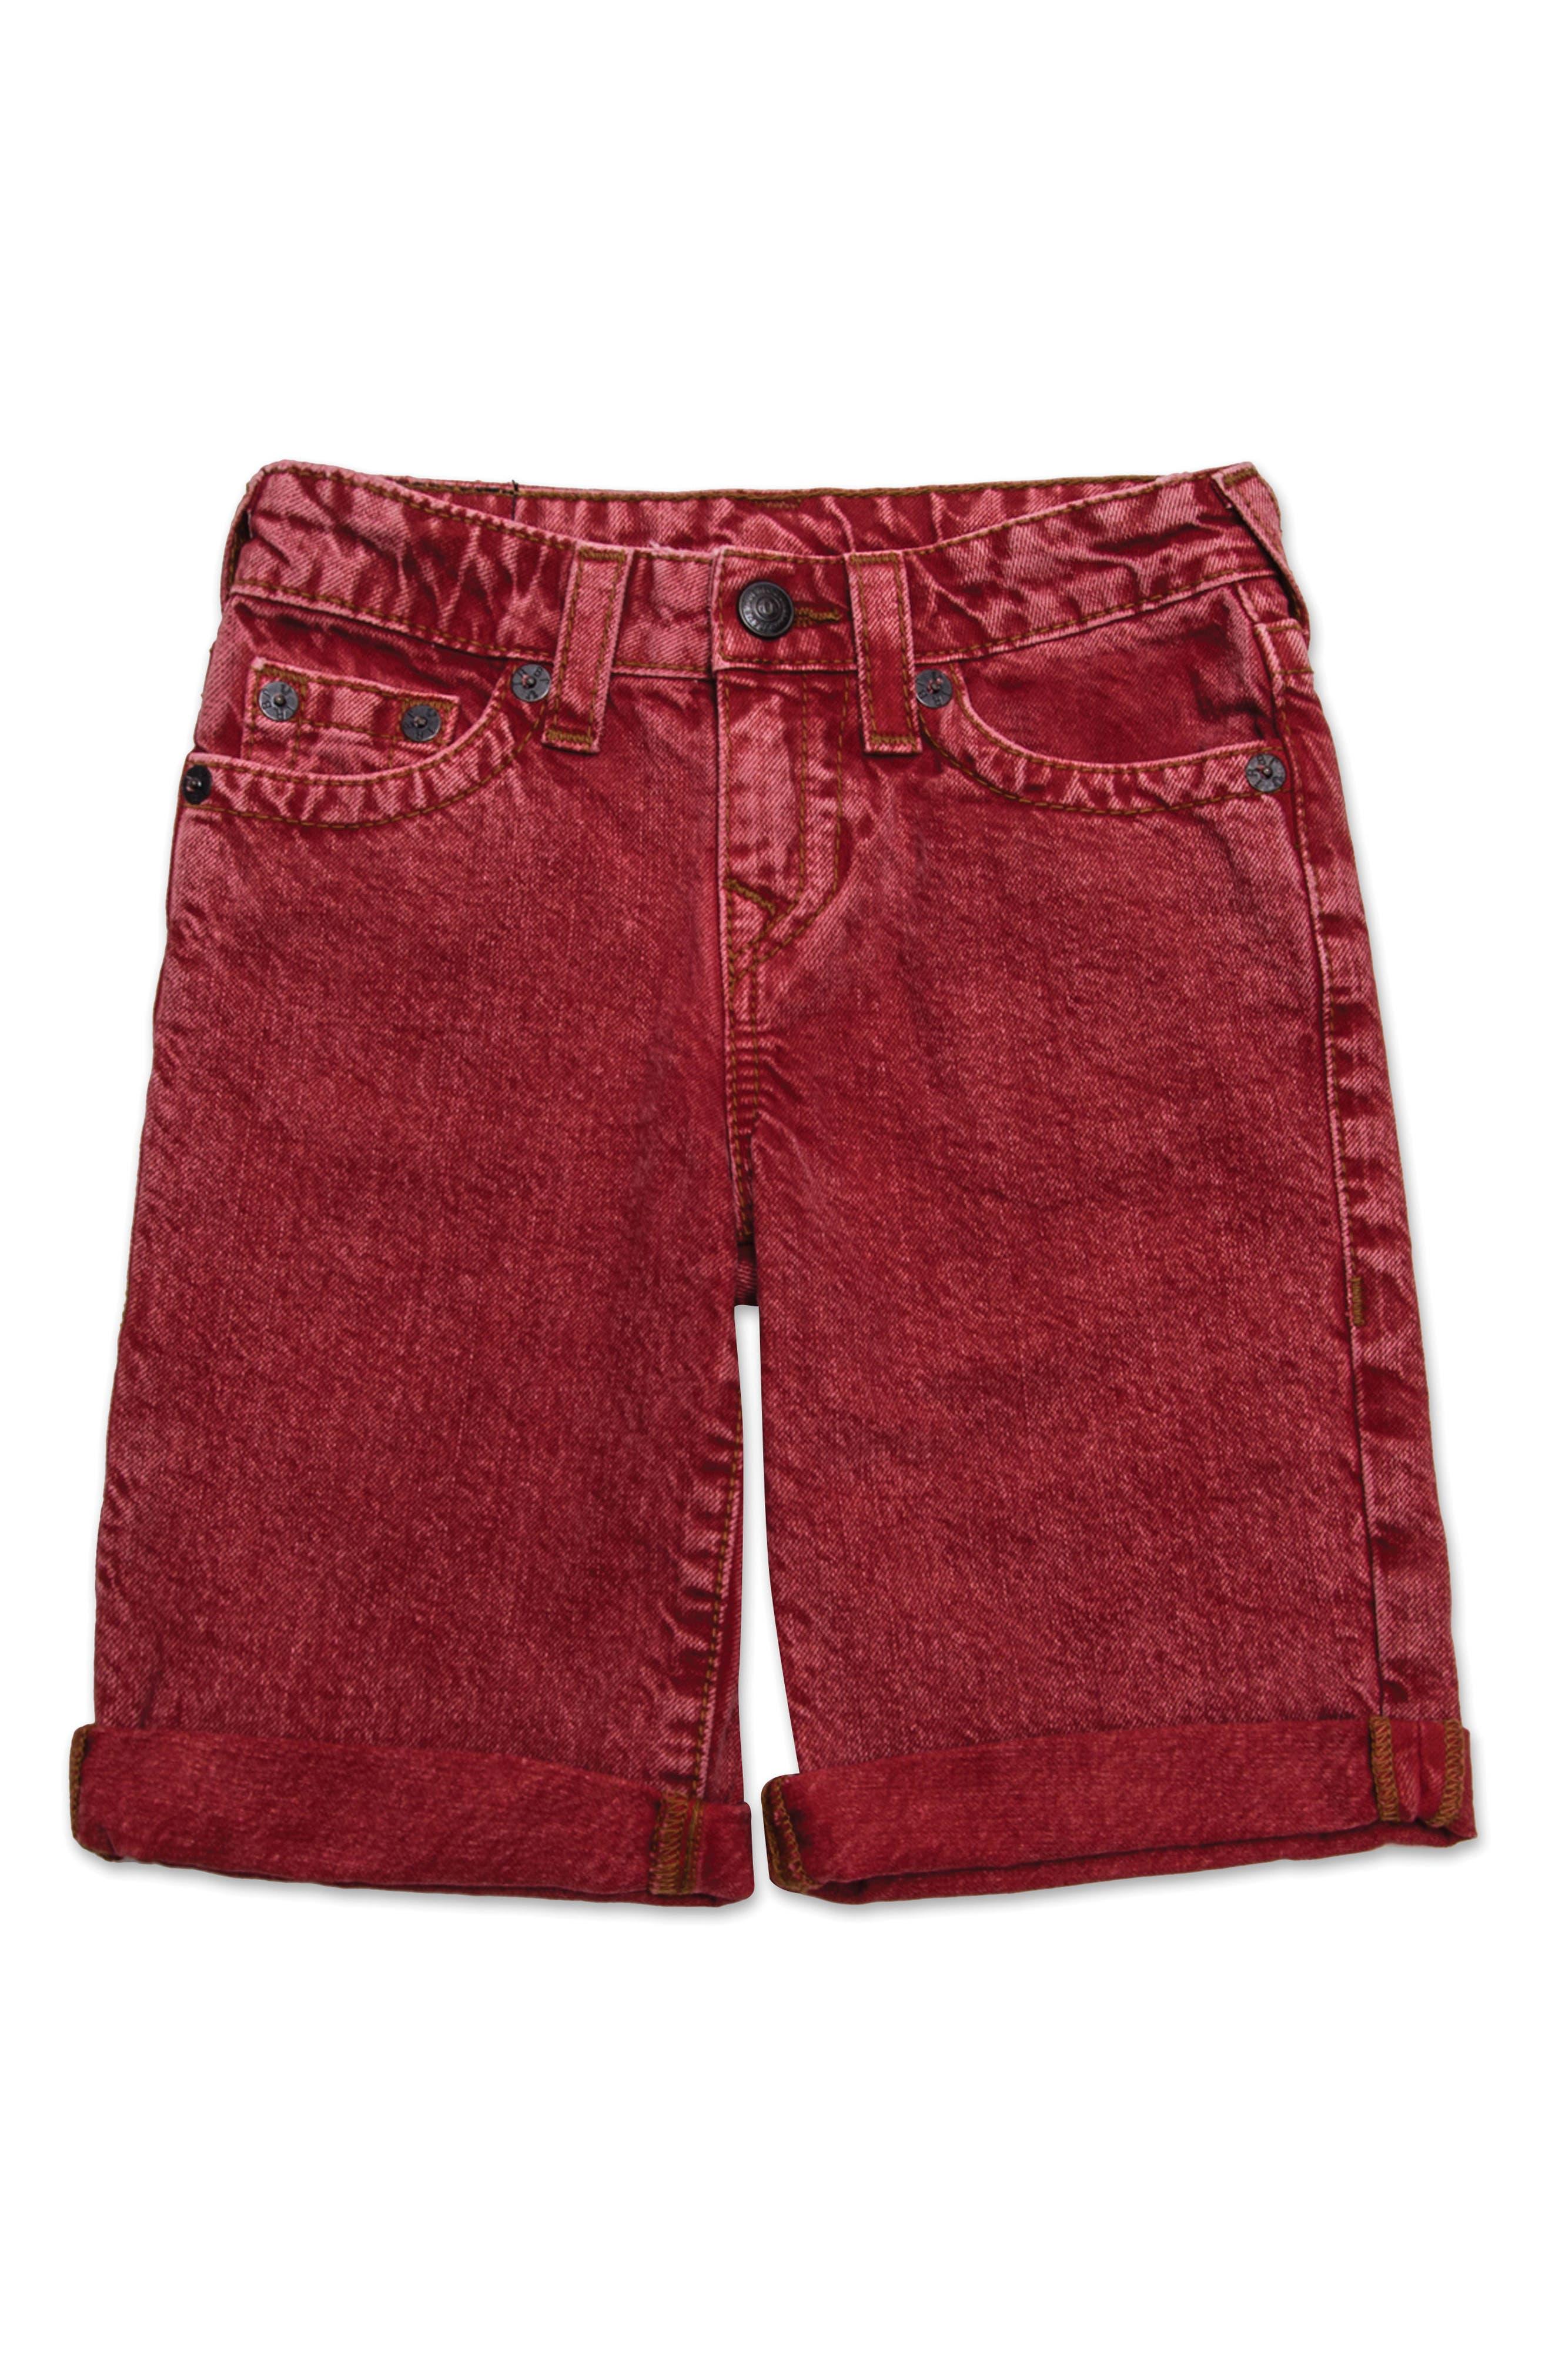 Geno Denim Shorts,                             Main thumbnail 1, color,                             Washed Red